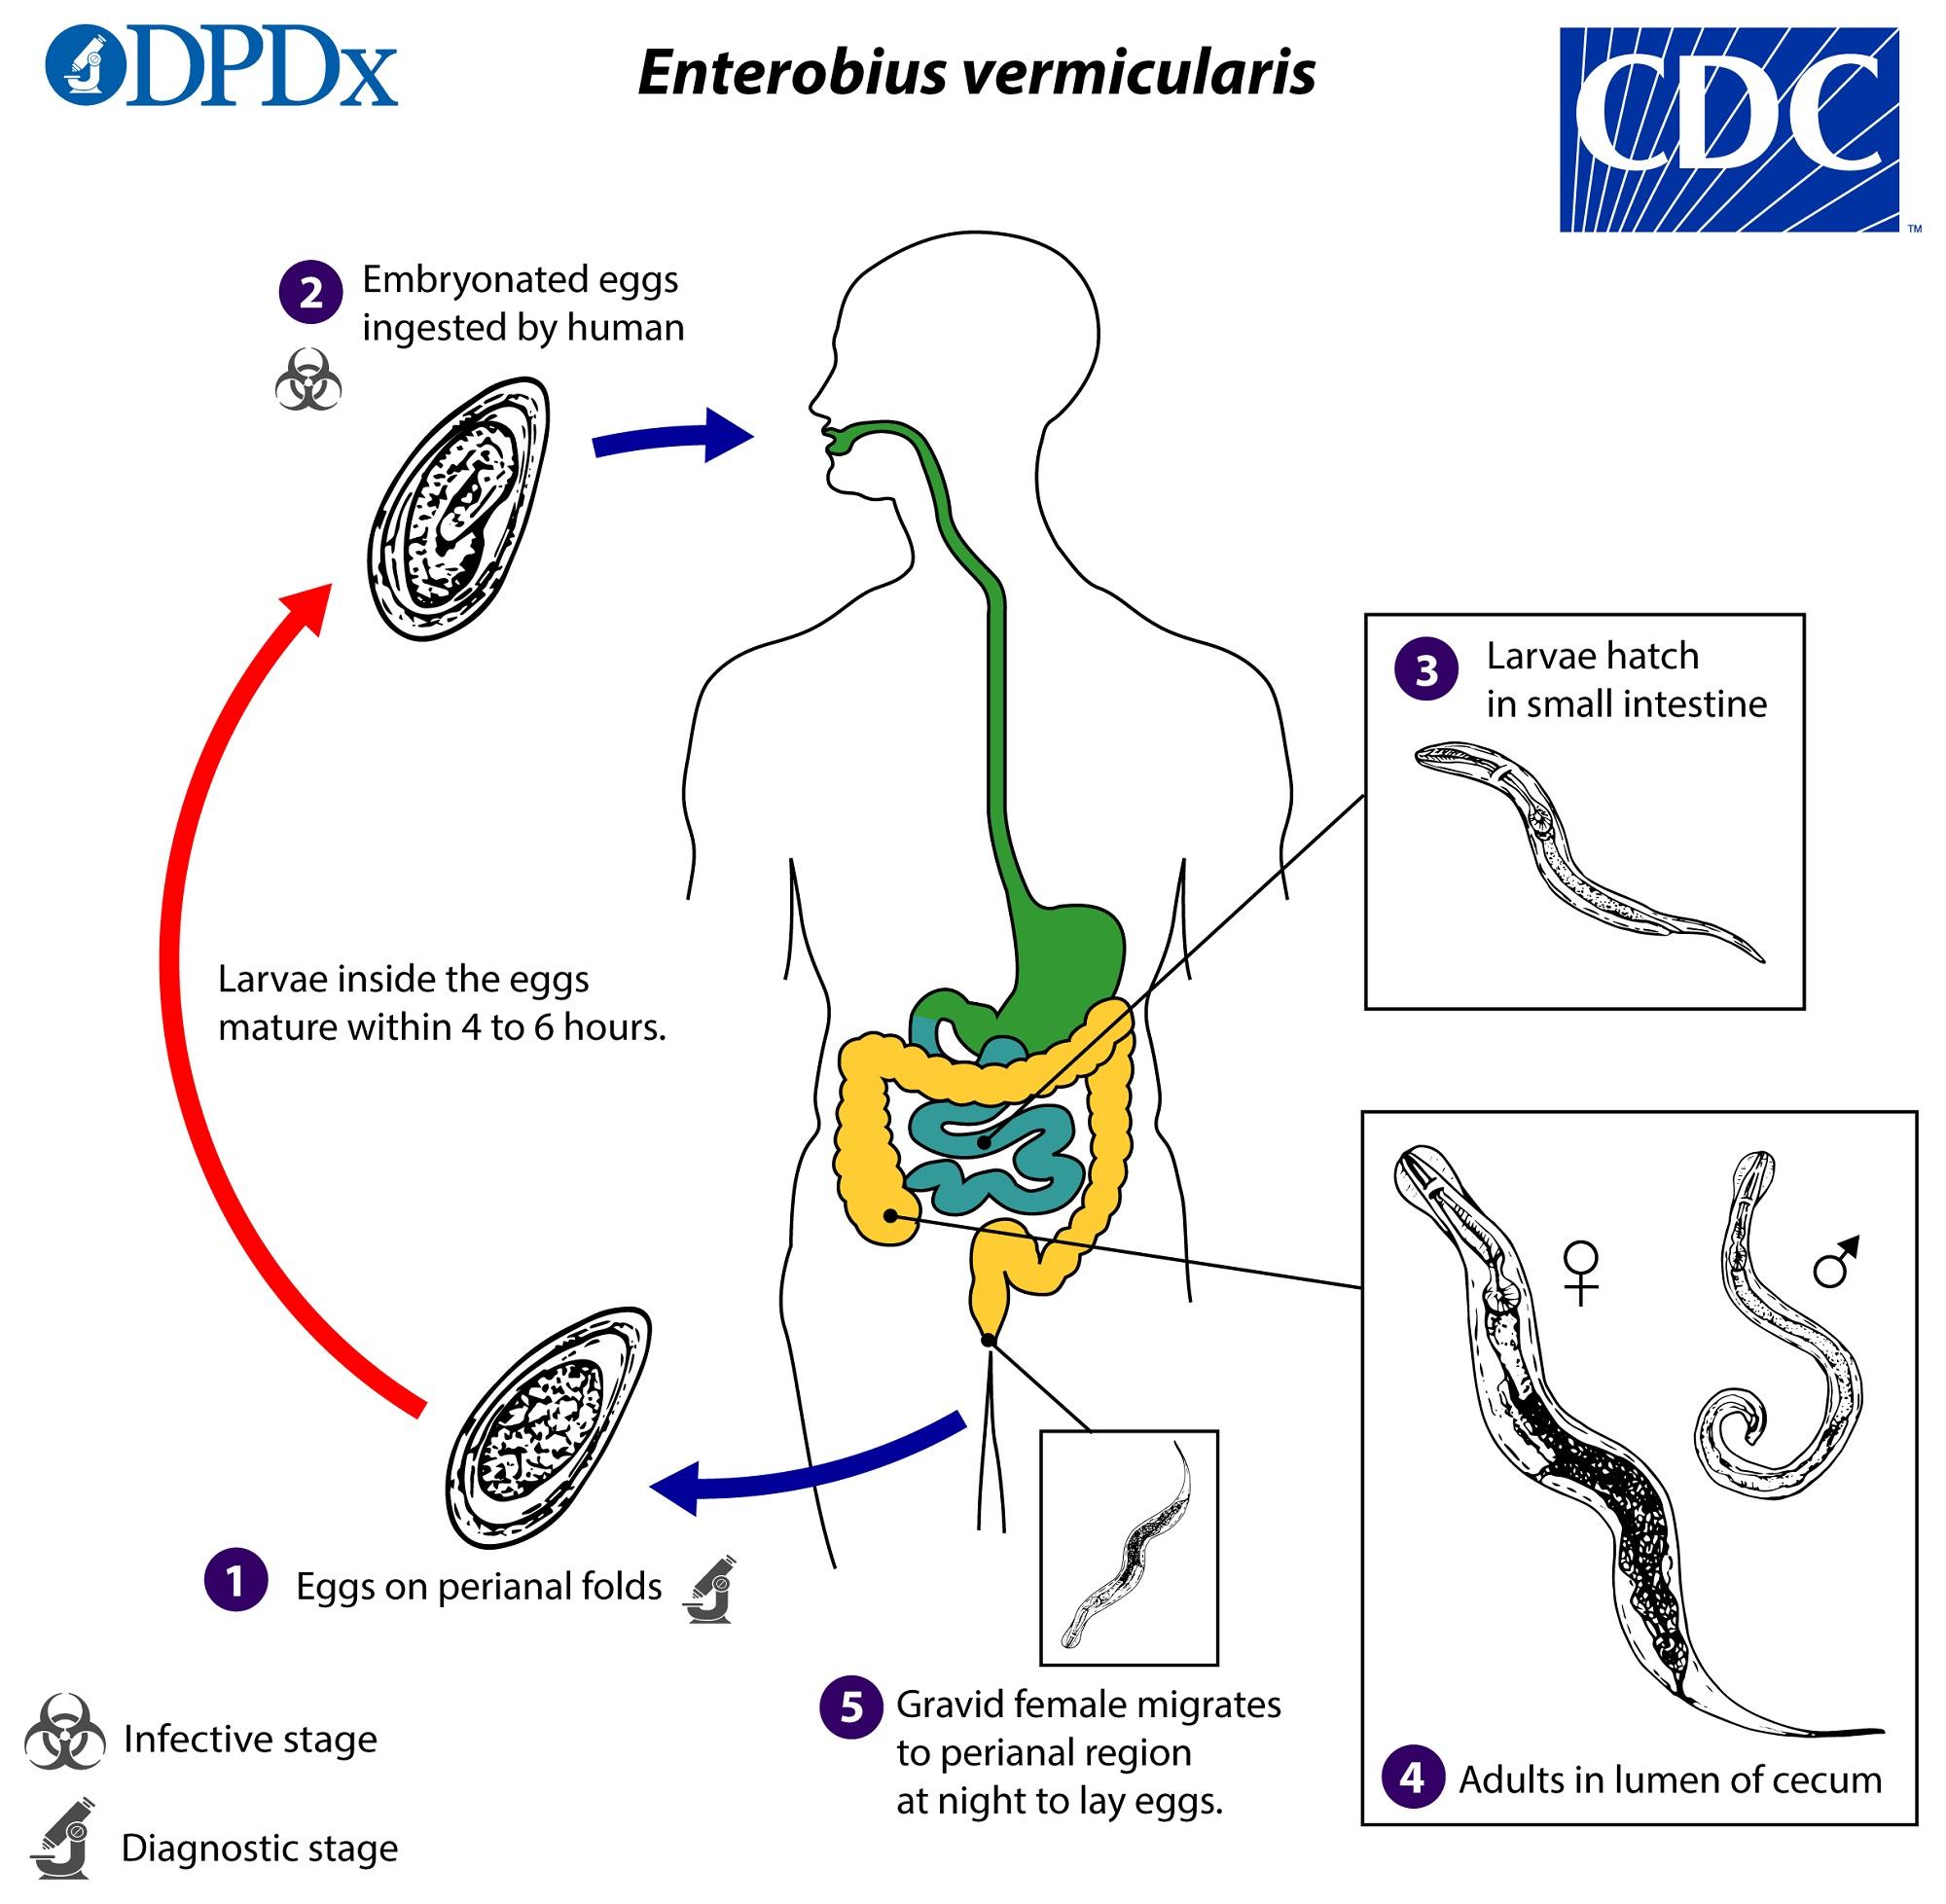 enterobius vermicularis pathogenesis